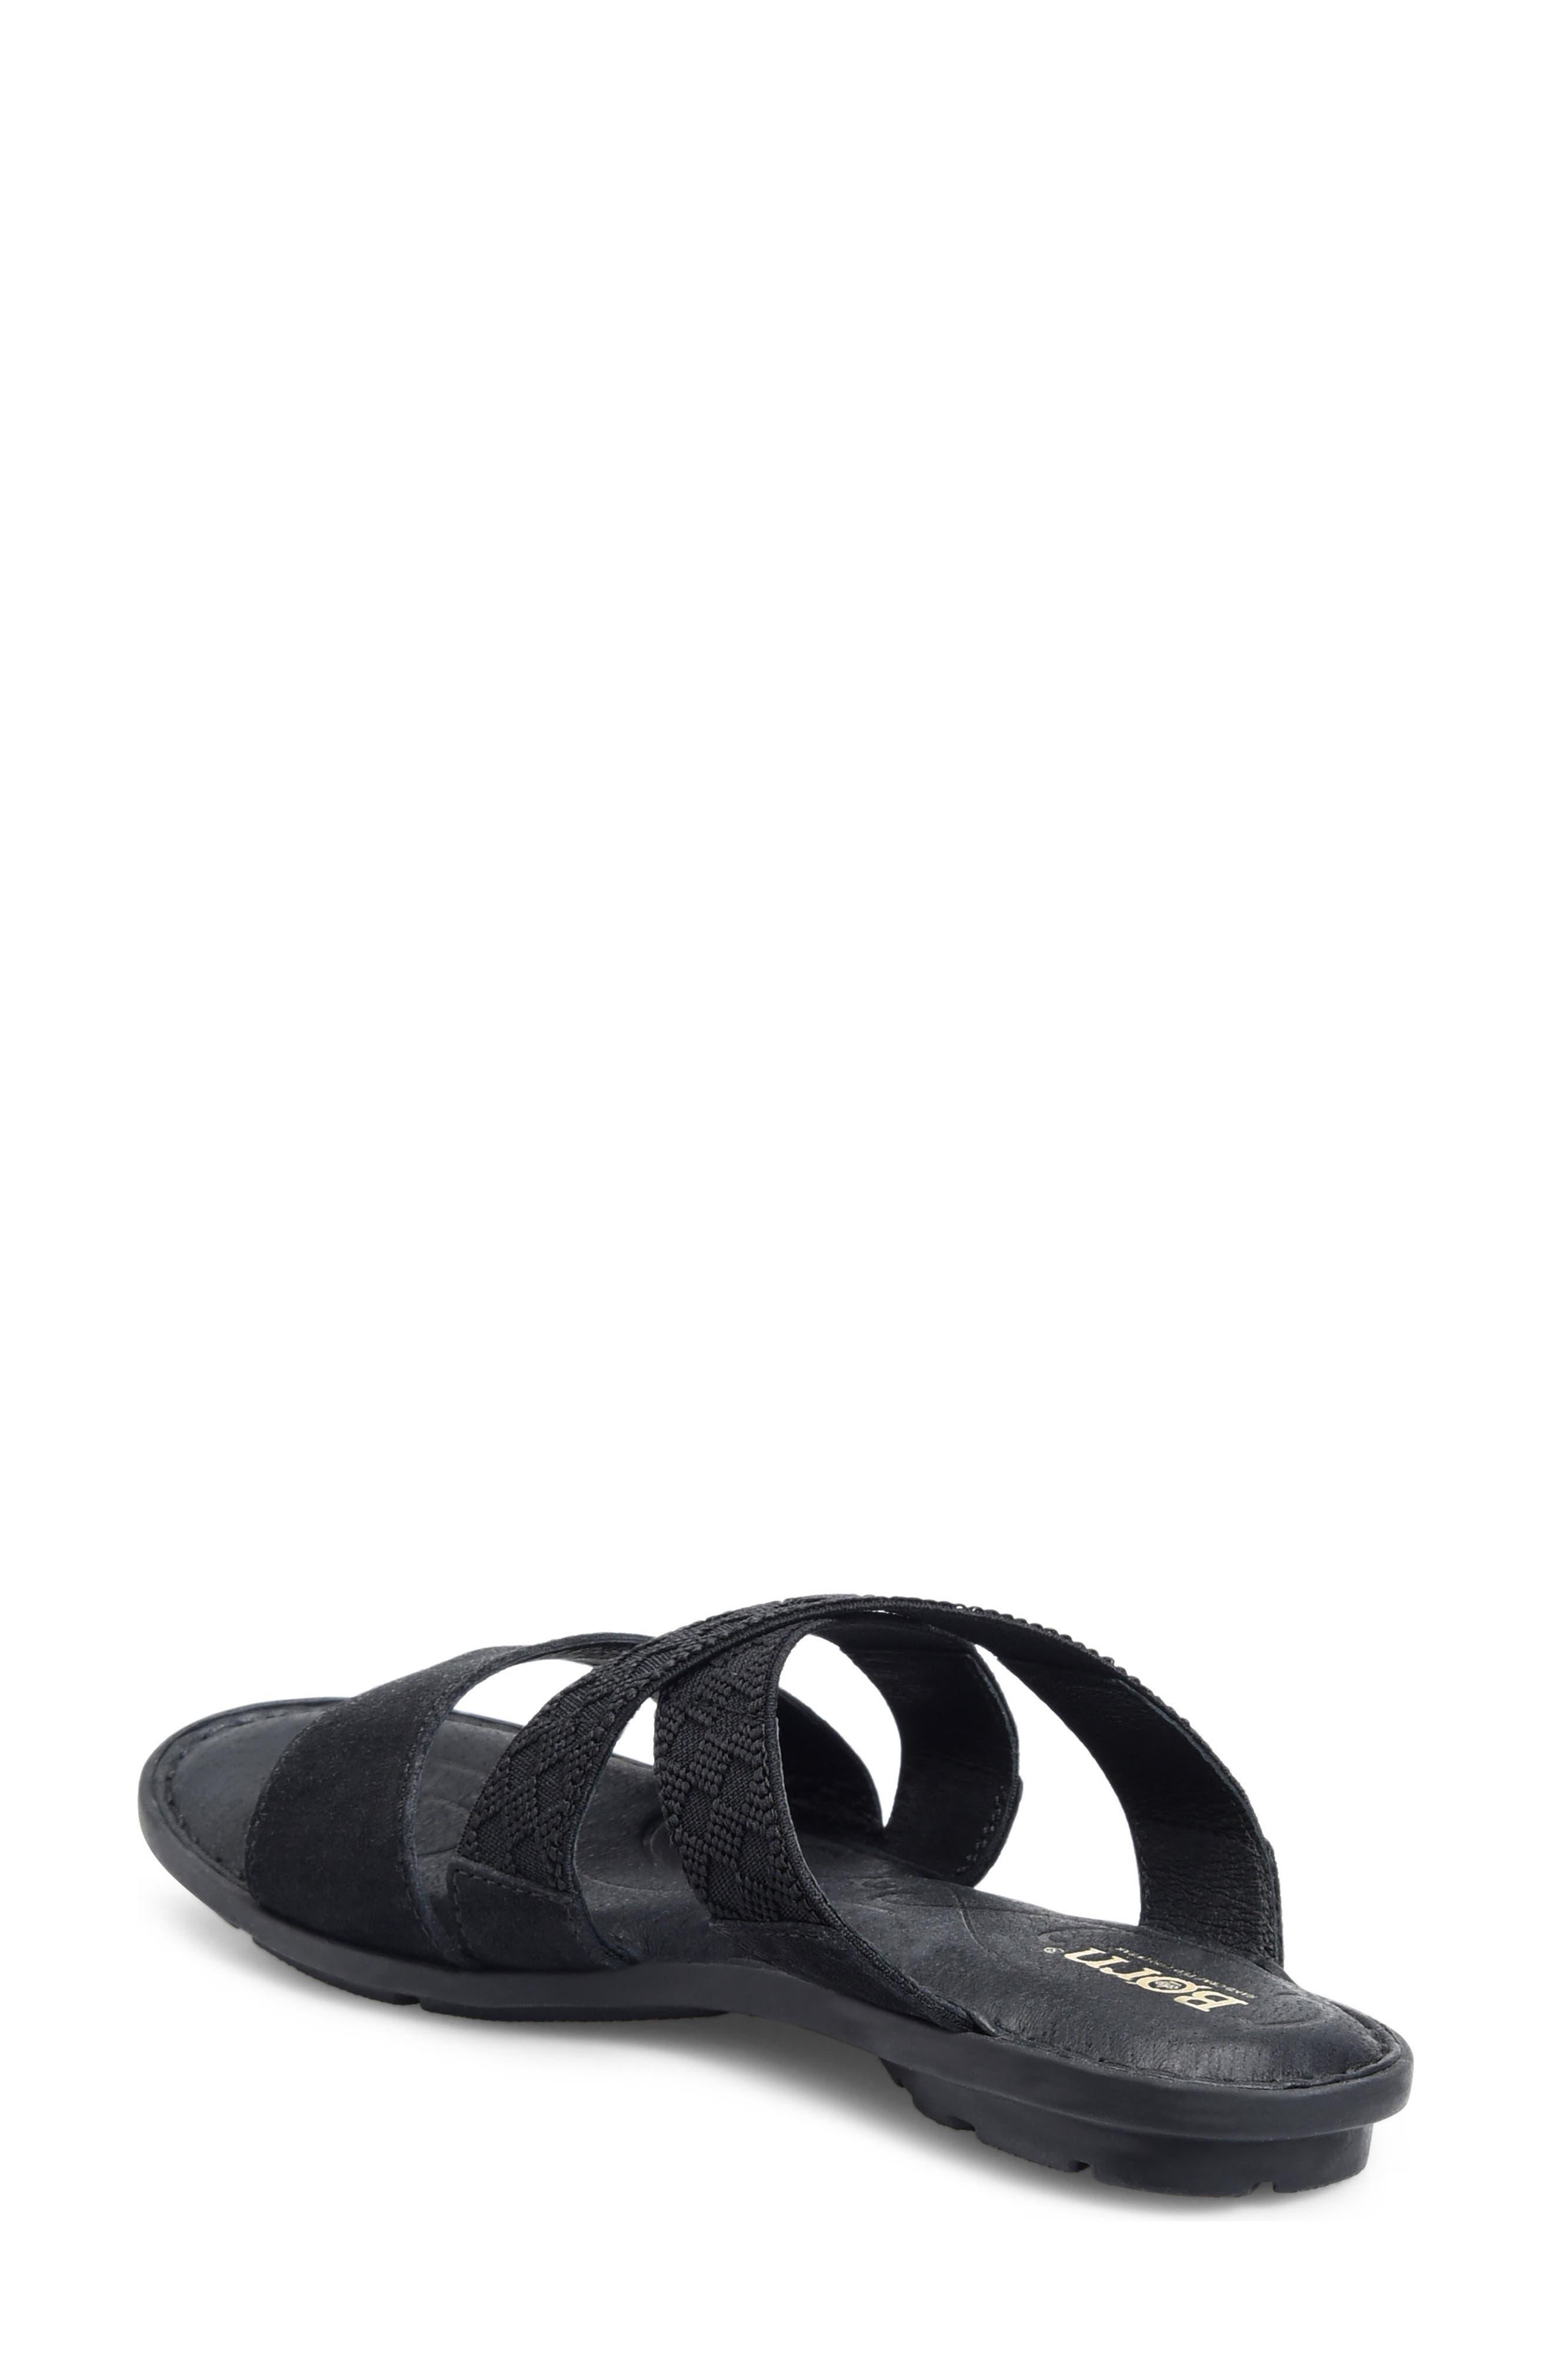 Tidore Slide Sandal,                             Alternate thumbnail 5, color,